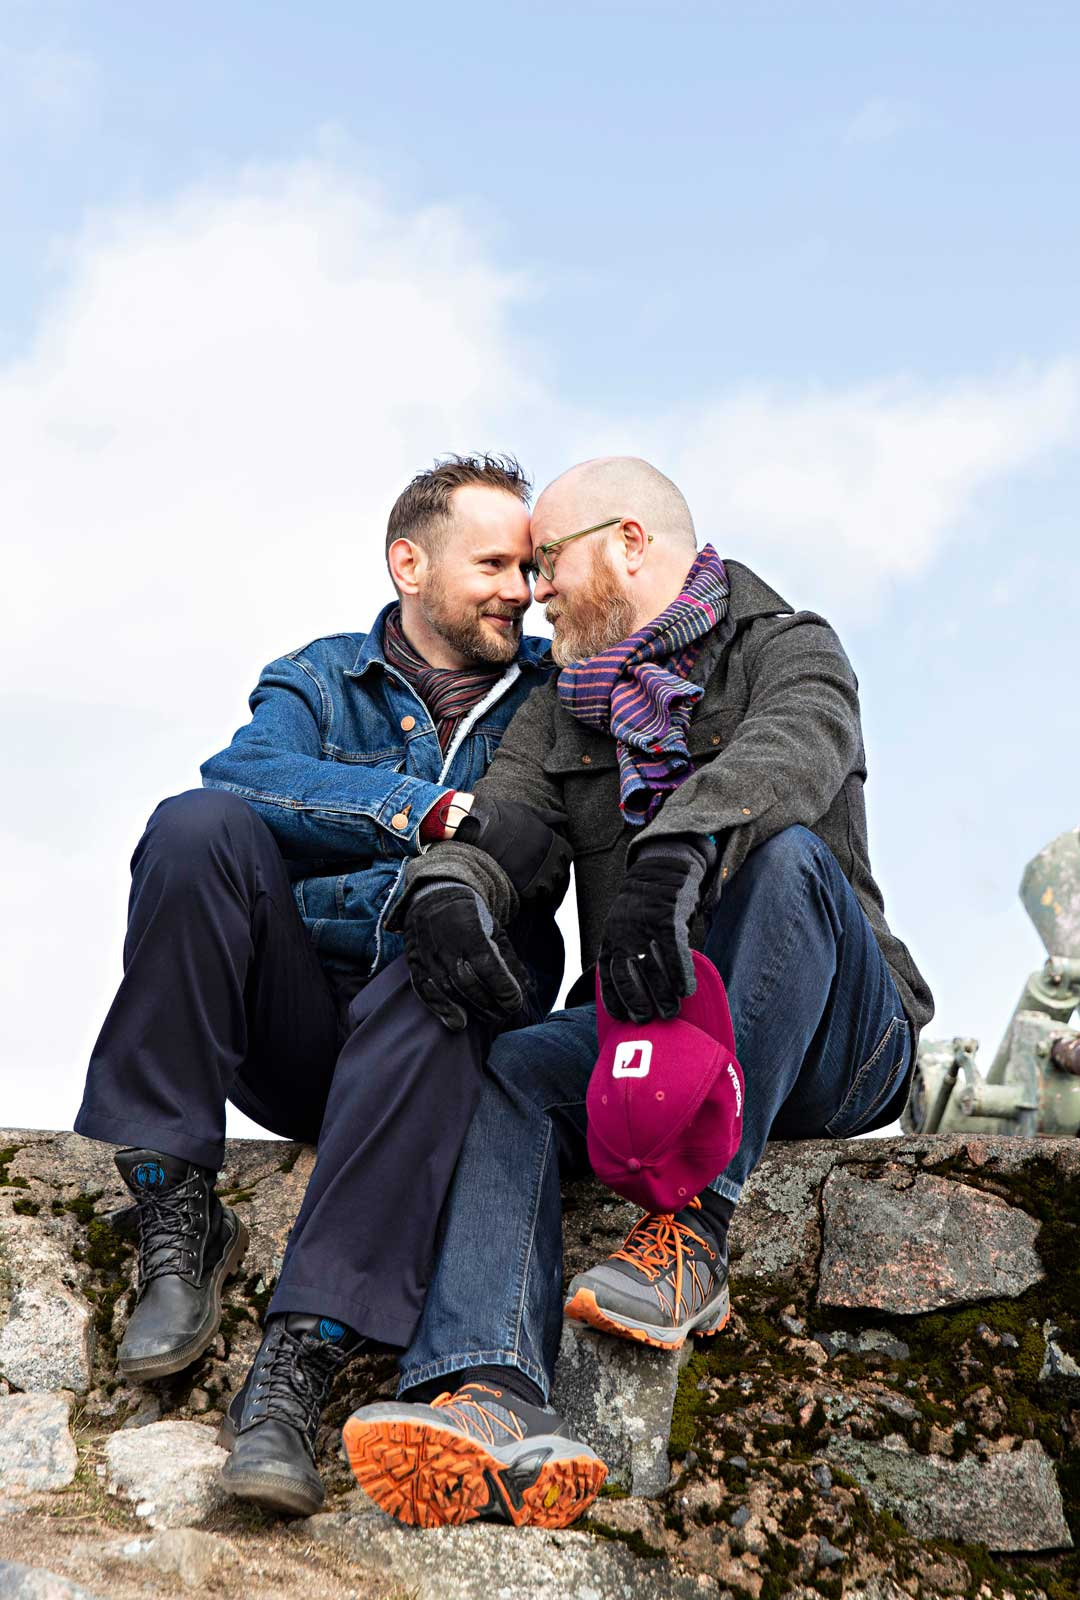 Kiinnostavat keskustelut, huumori ja kirjallisuus tuovat iloa Sami ja Marek Hilvon elämään.